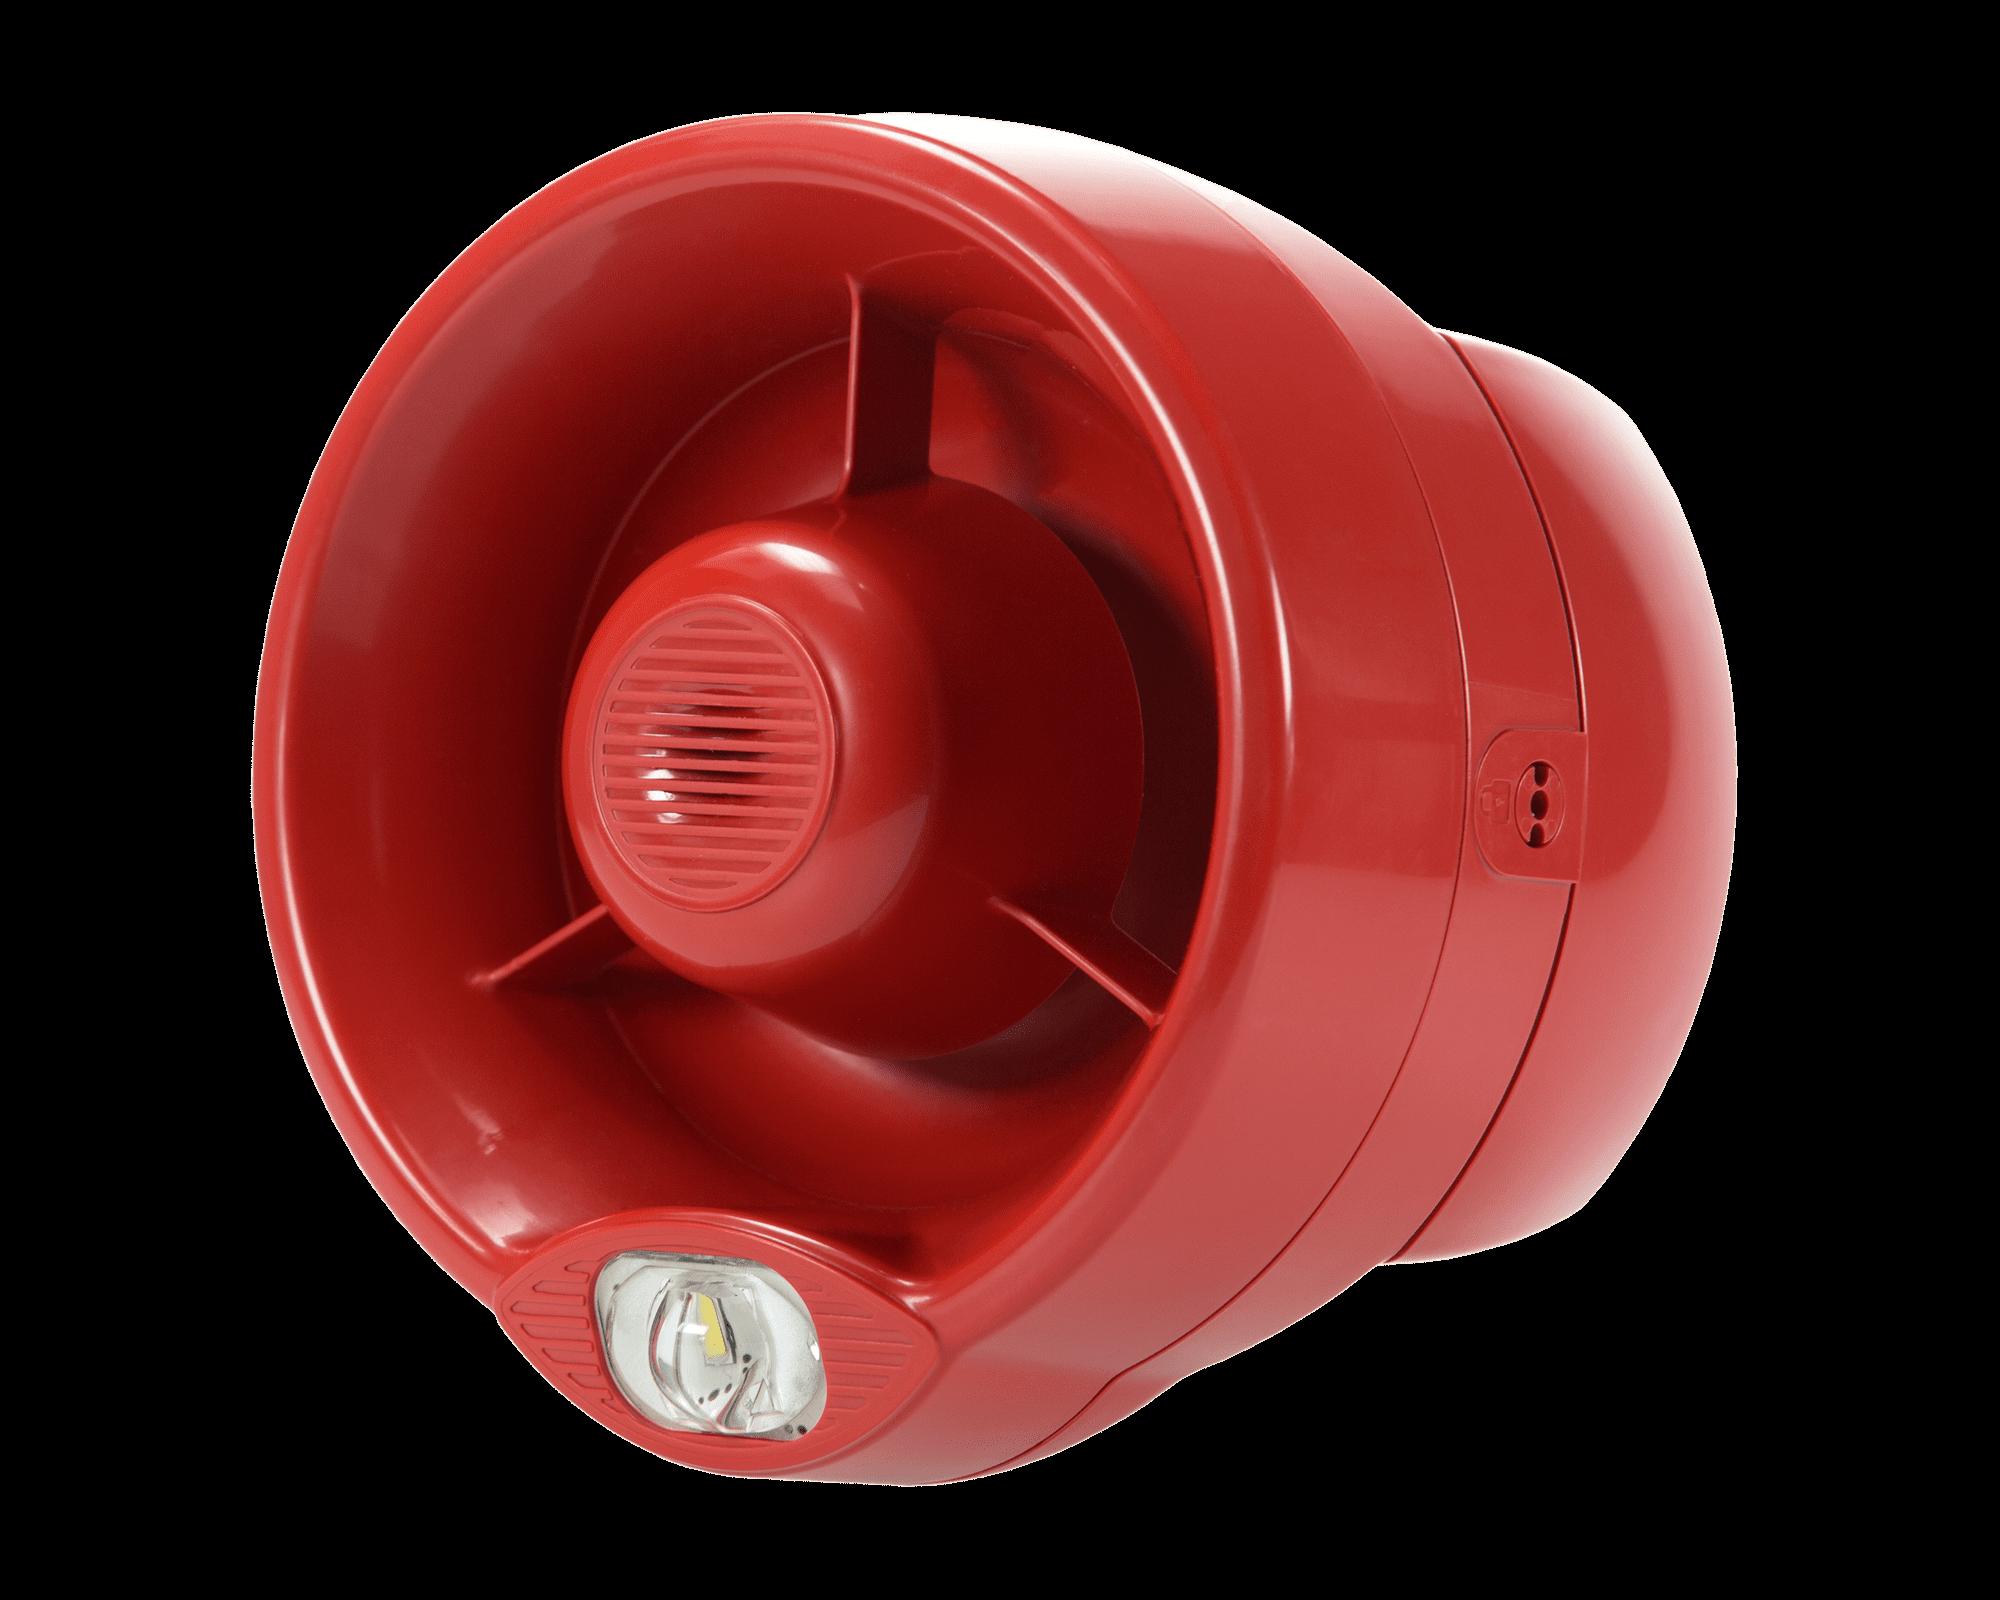 Wireless-HFC-SBR-23-03-Red